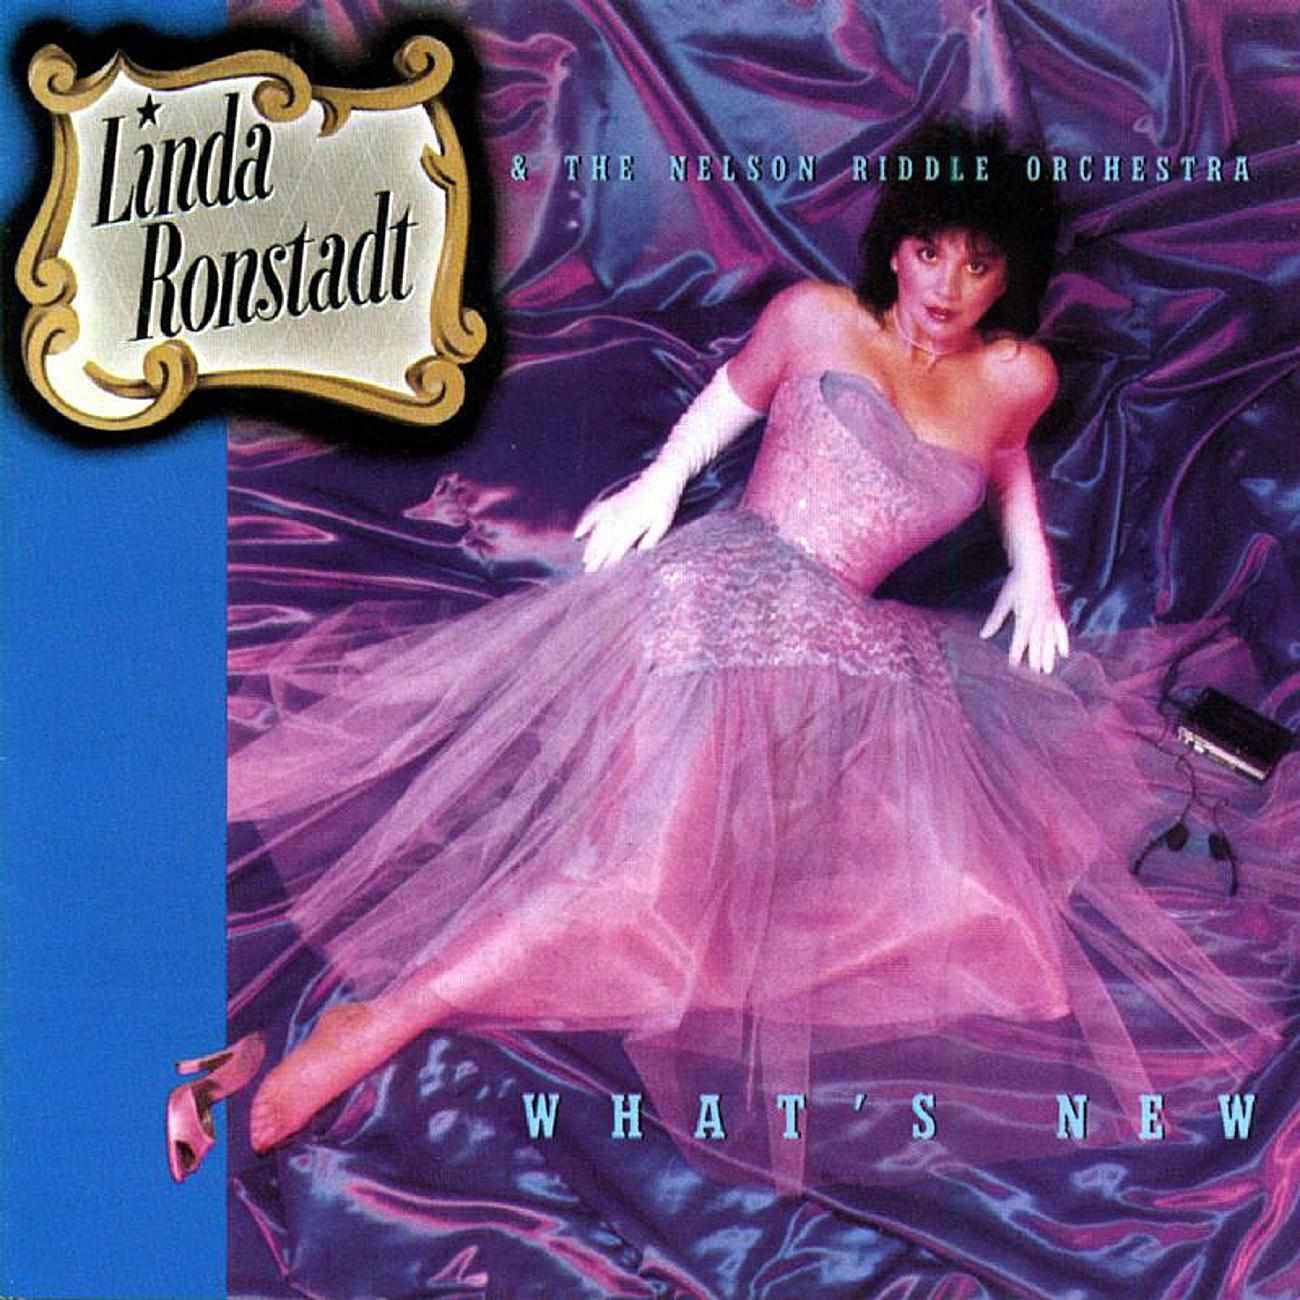 Linda Ronstadt - What's New